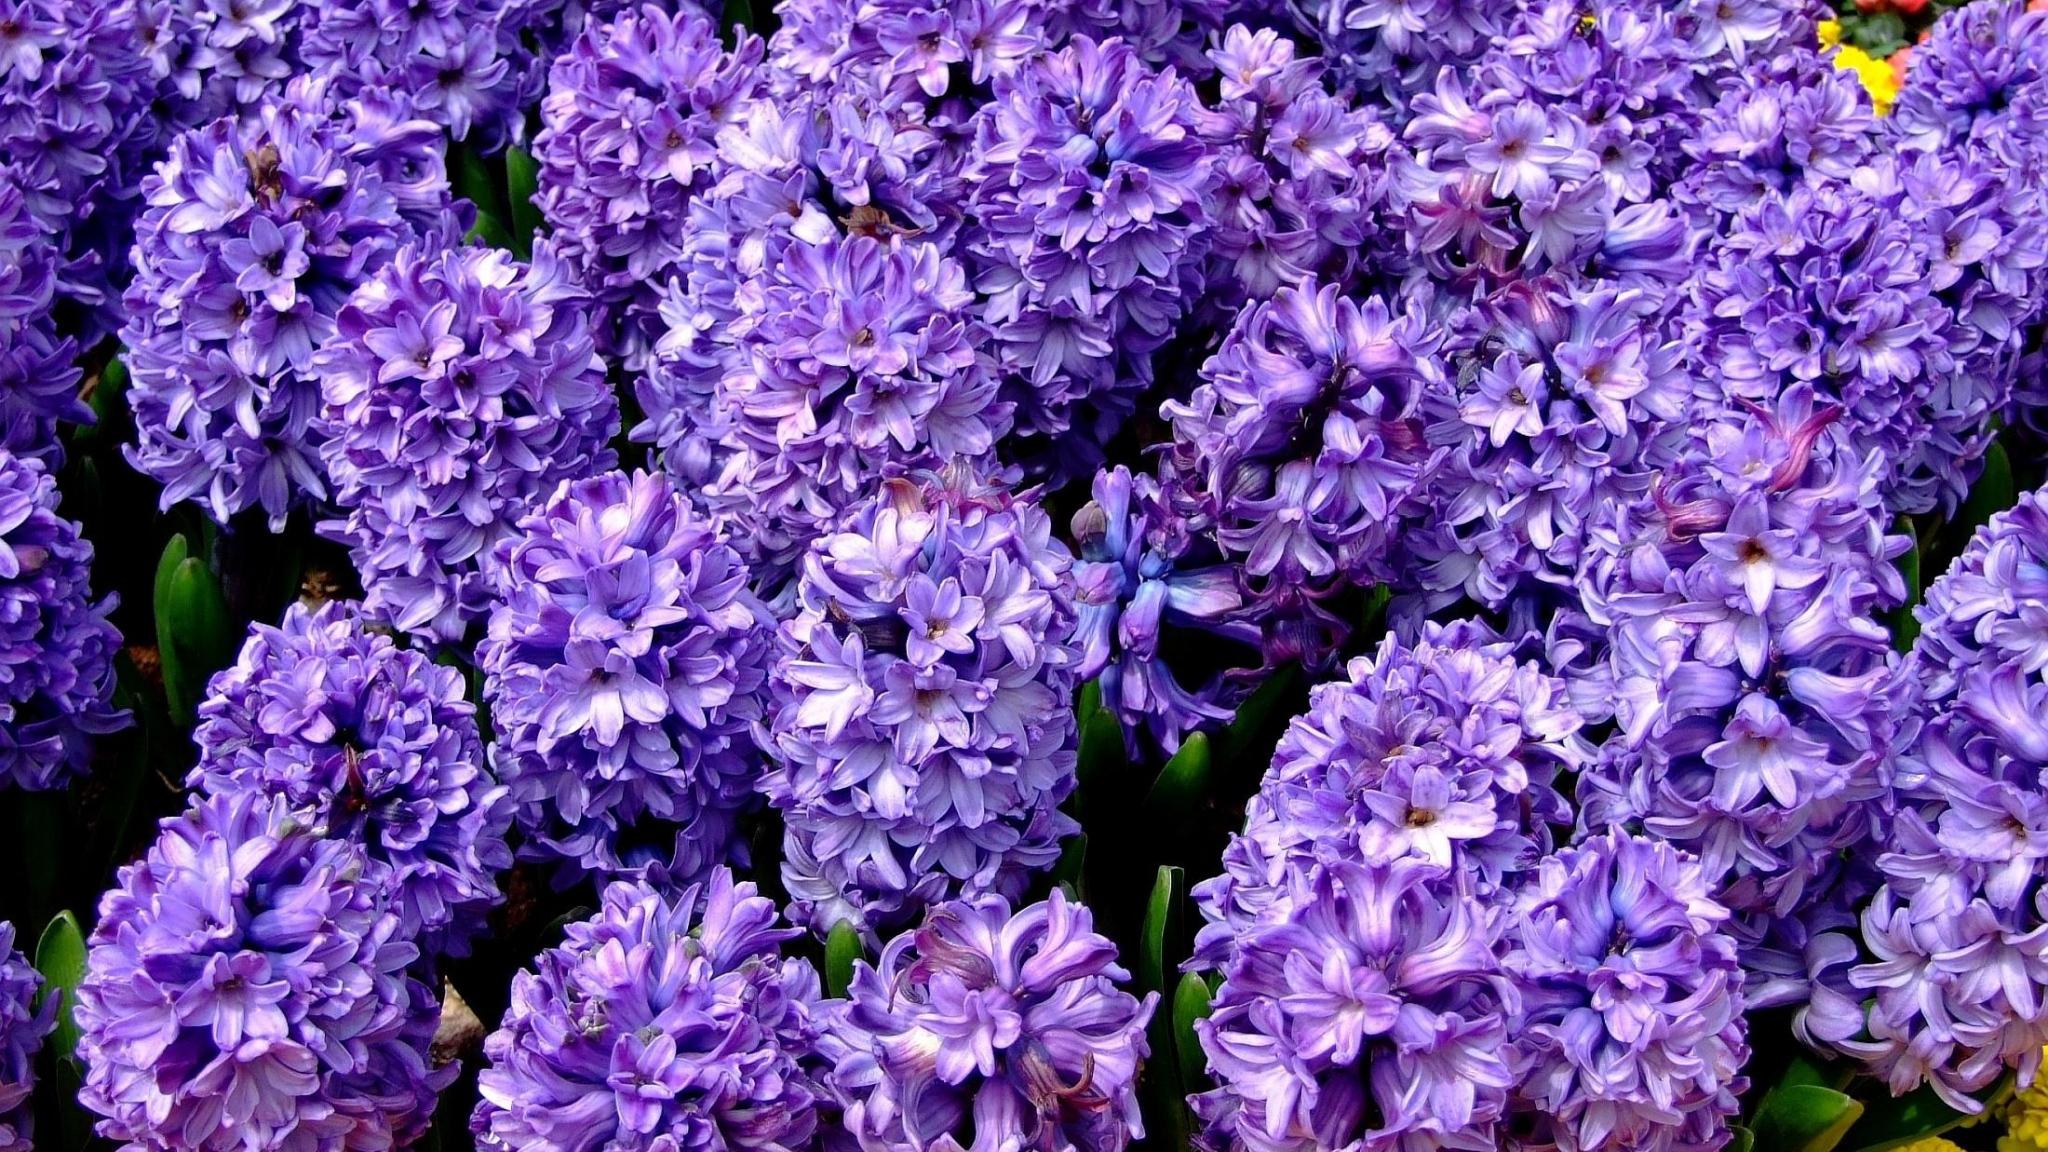 3d Wallpaper 320 480 Purple Hyacinth Hd Desktop Wallpapers 4k Hd